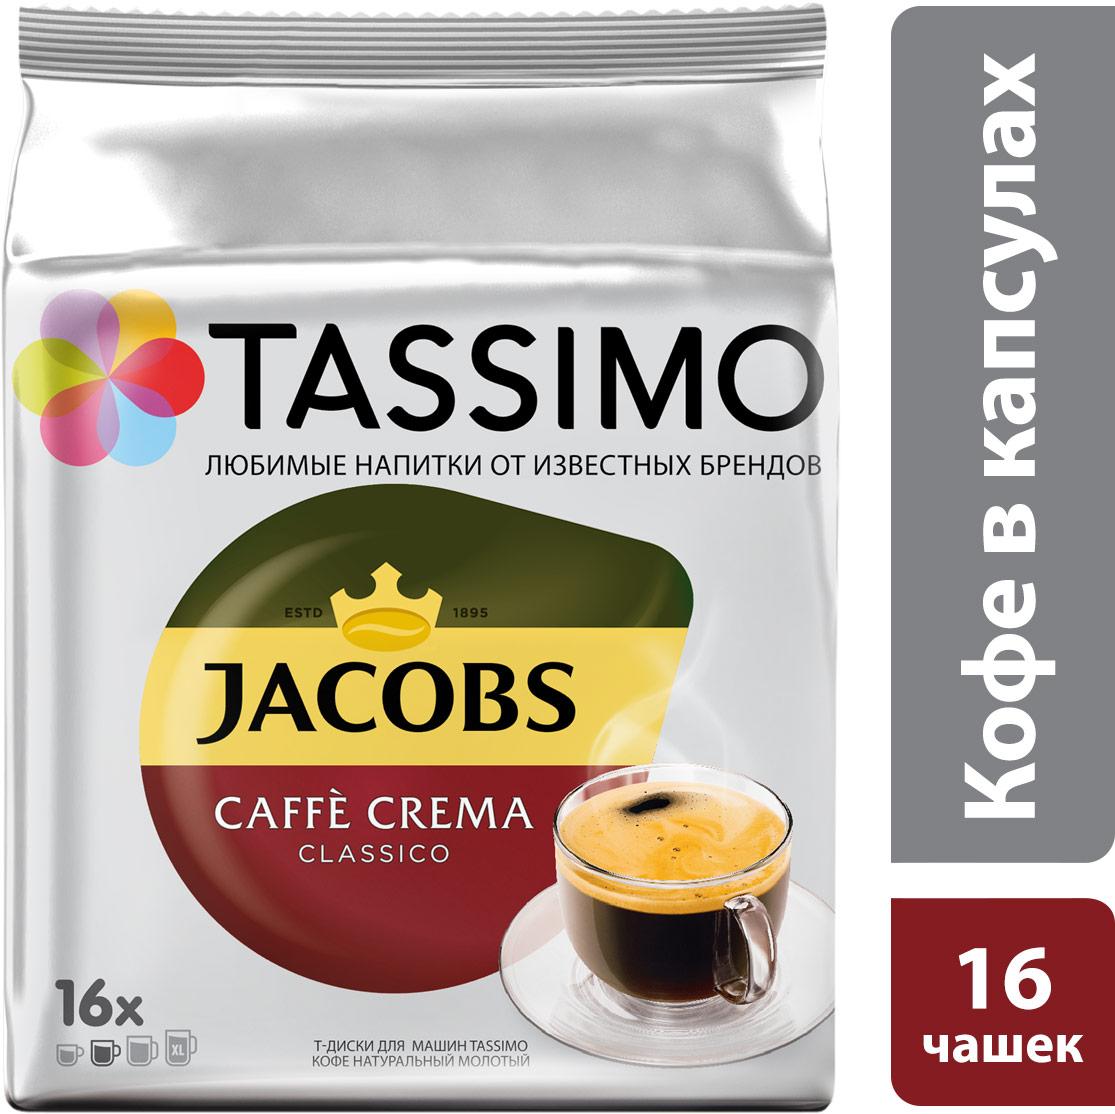 Tassimo Jacobs Monarсh Caffe Crema кофе в капсулах, 16 шт кофе jacobs tassimo американо классико натуральный жареный в капсулах